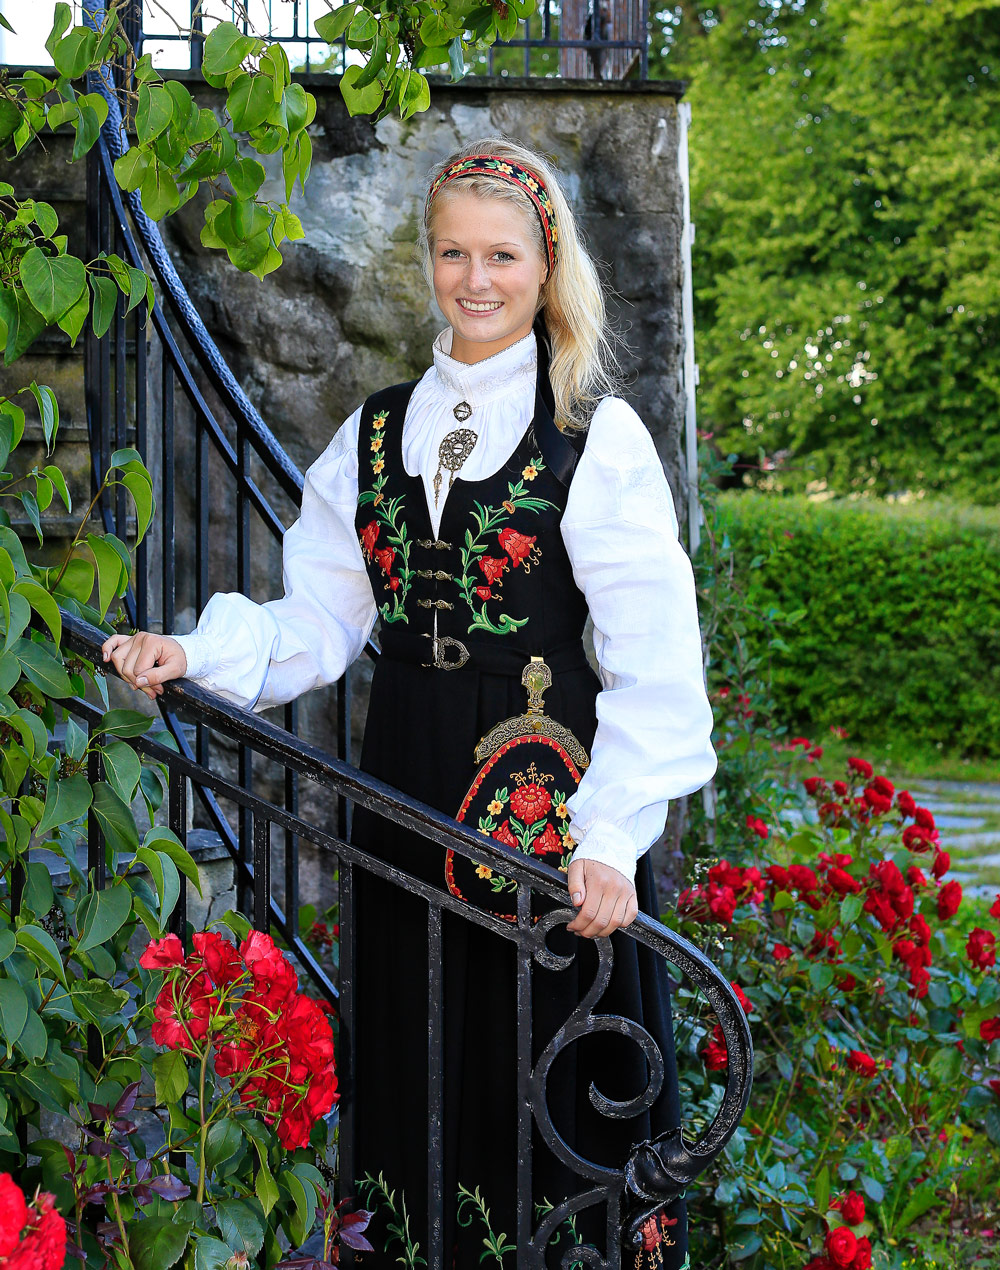 Elingaards pittoreske miljø er populære ved fotografering av livets store begivenheter. Her fra den vakre rosehagen.